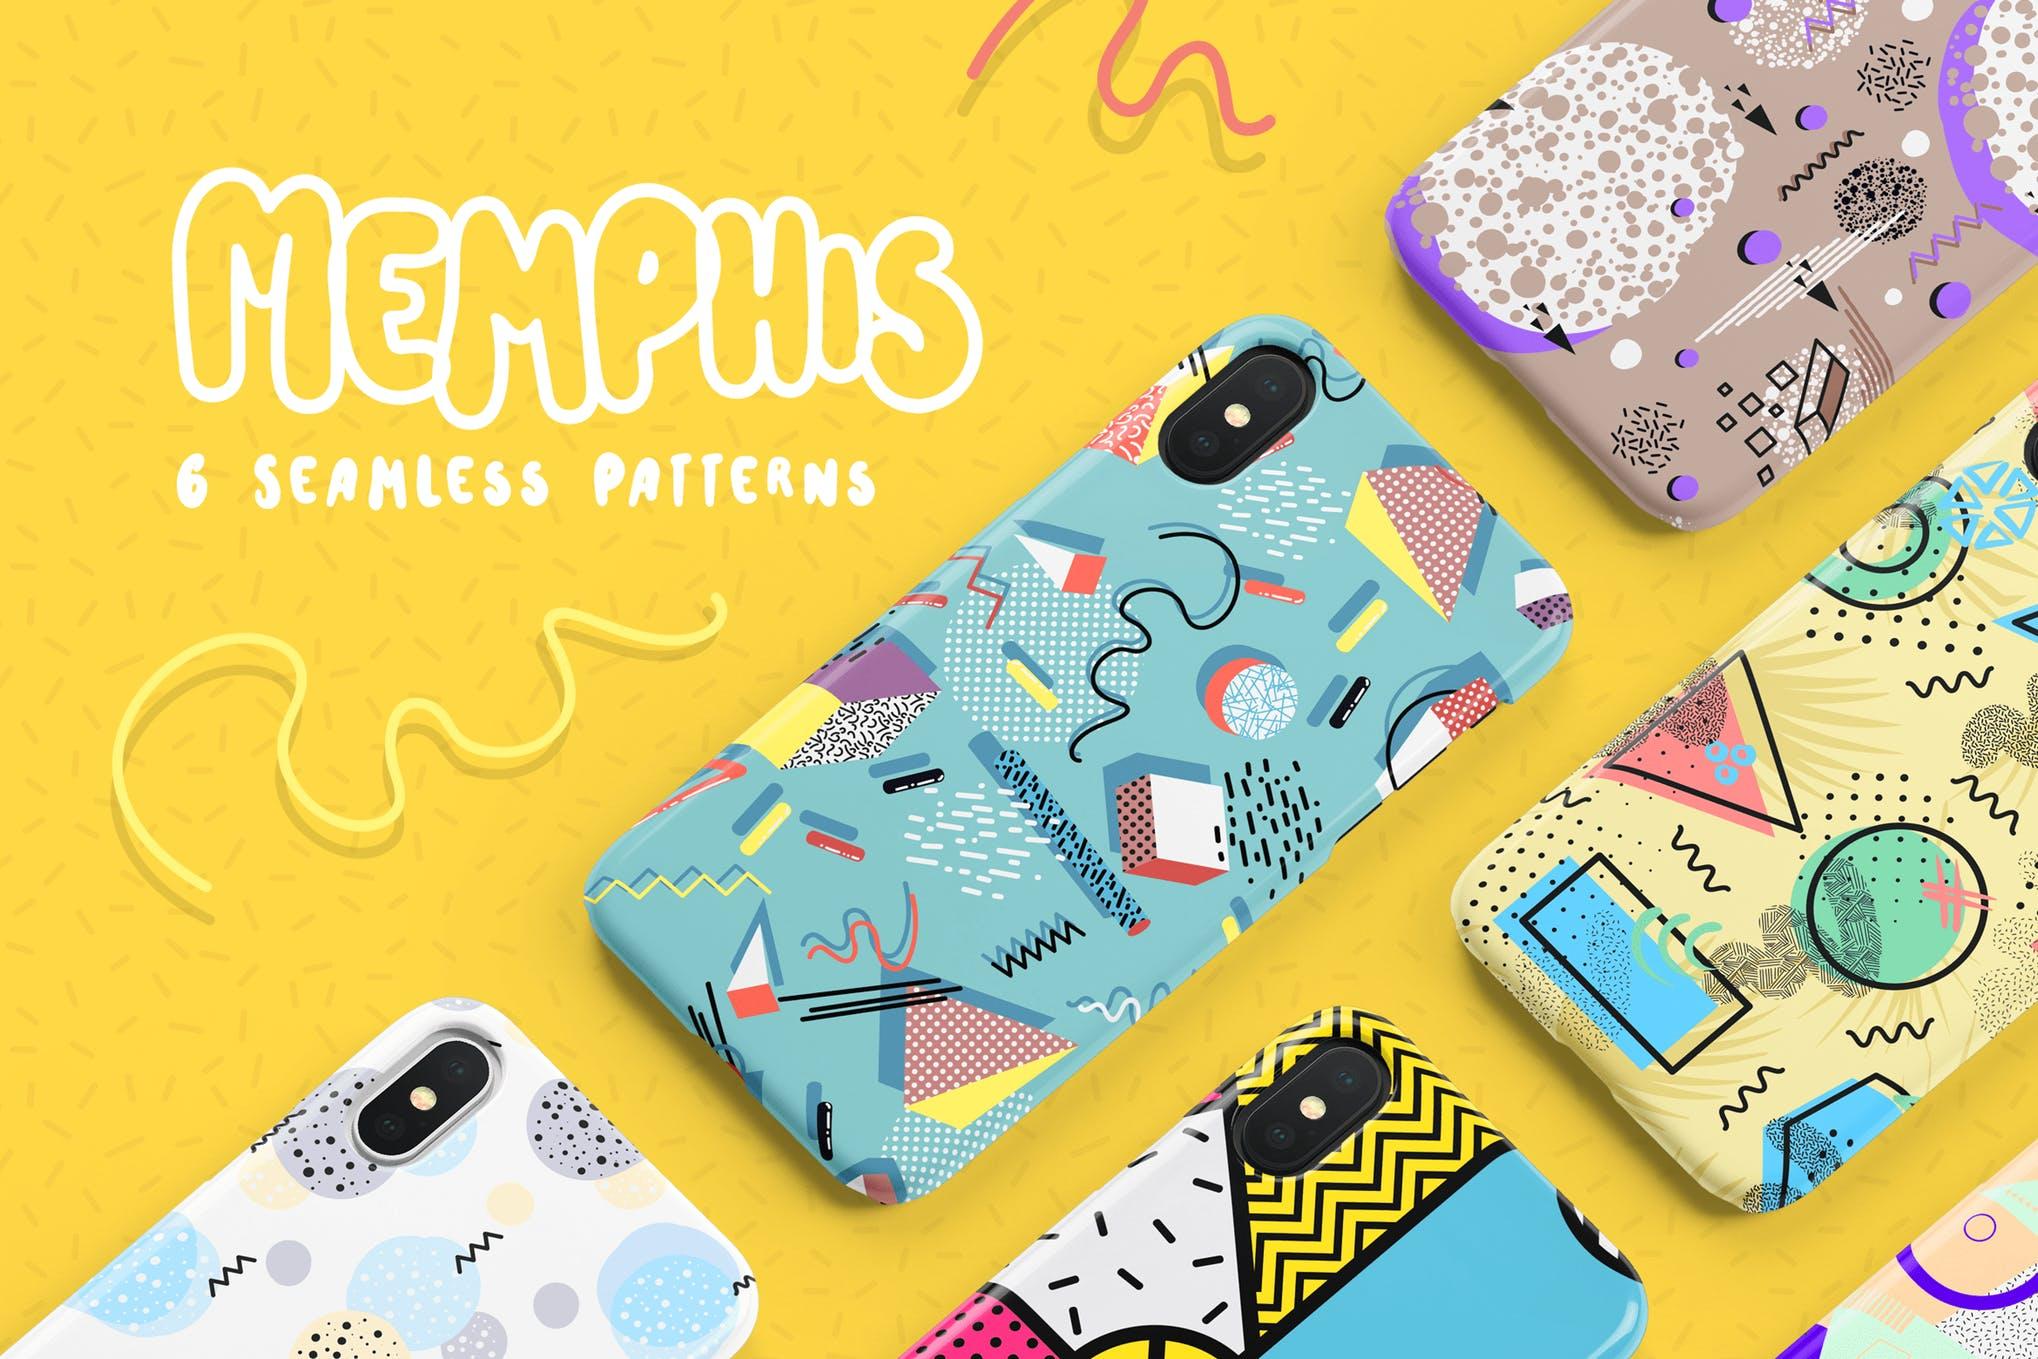 多色新孟菲斯图案素材模板Memphis Seamless Patterns Collection插图